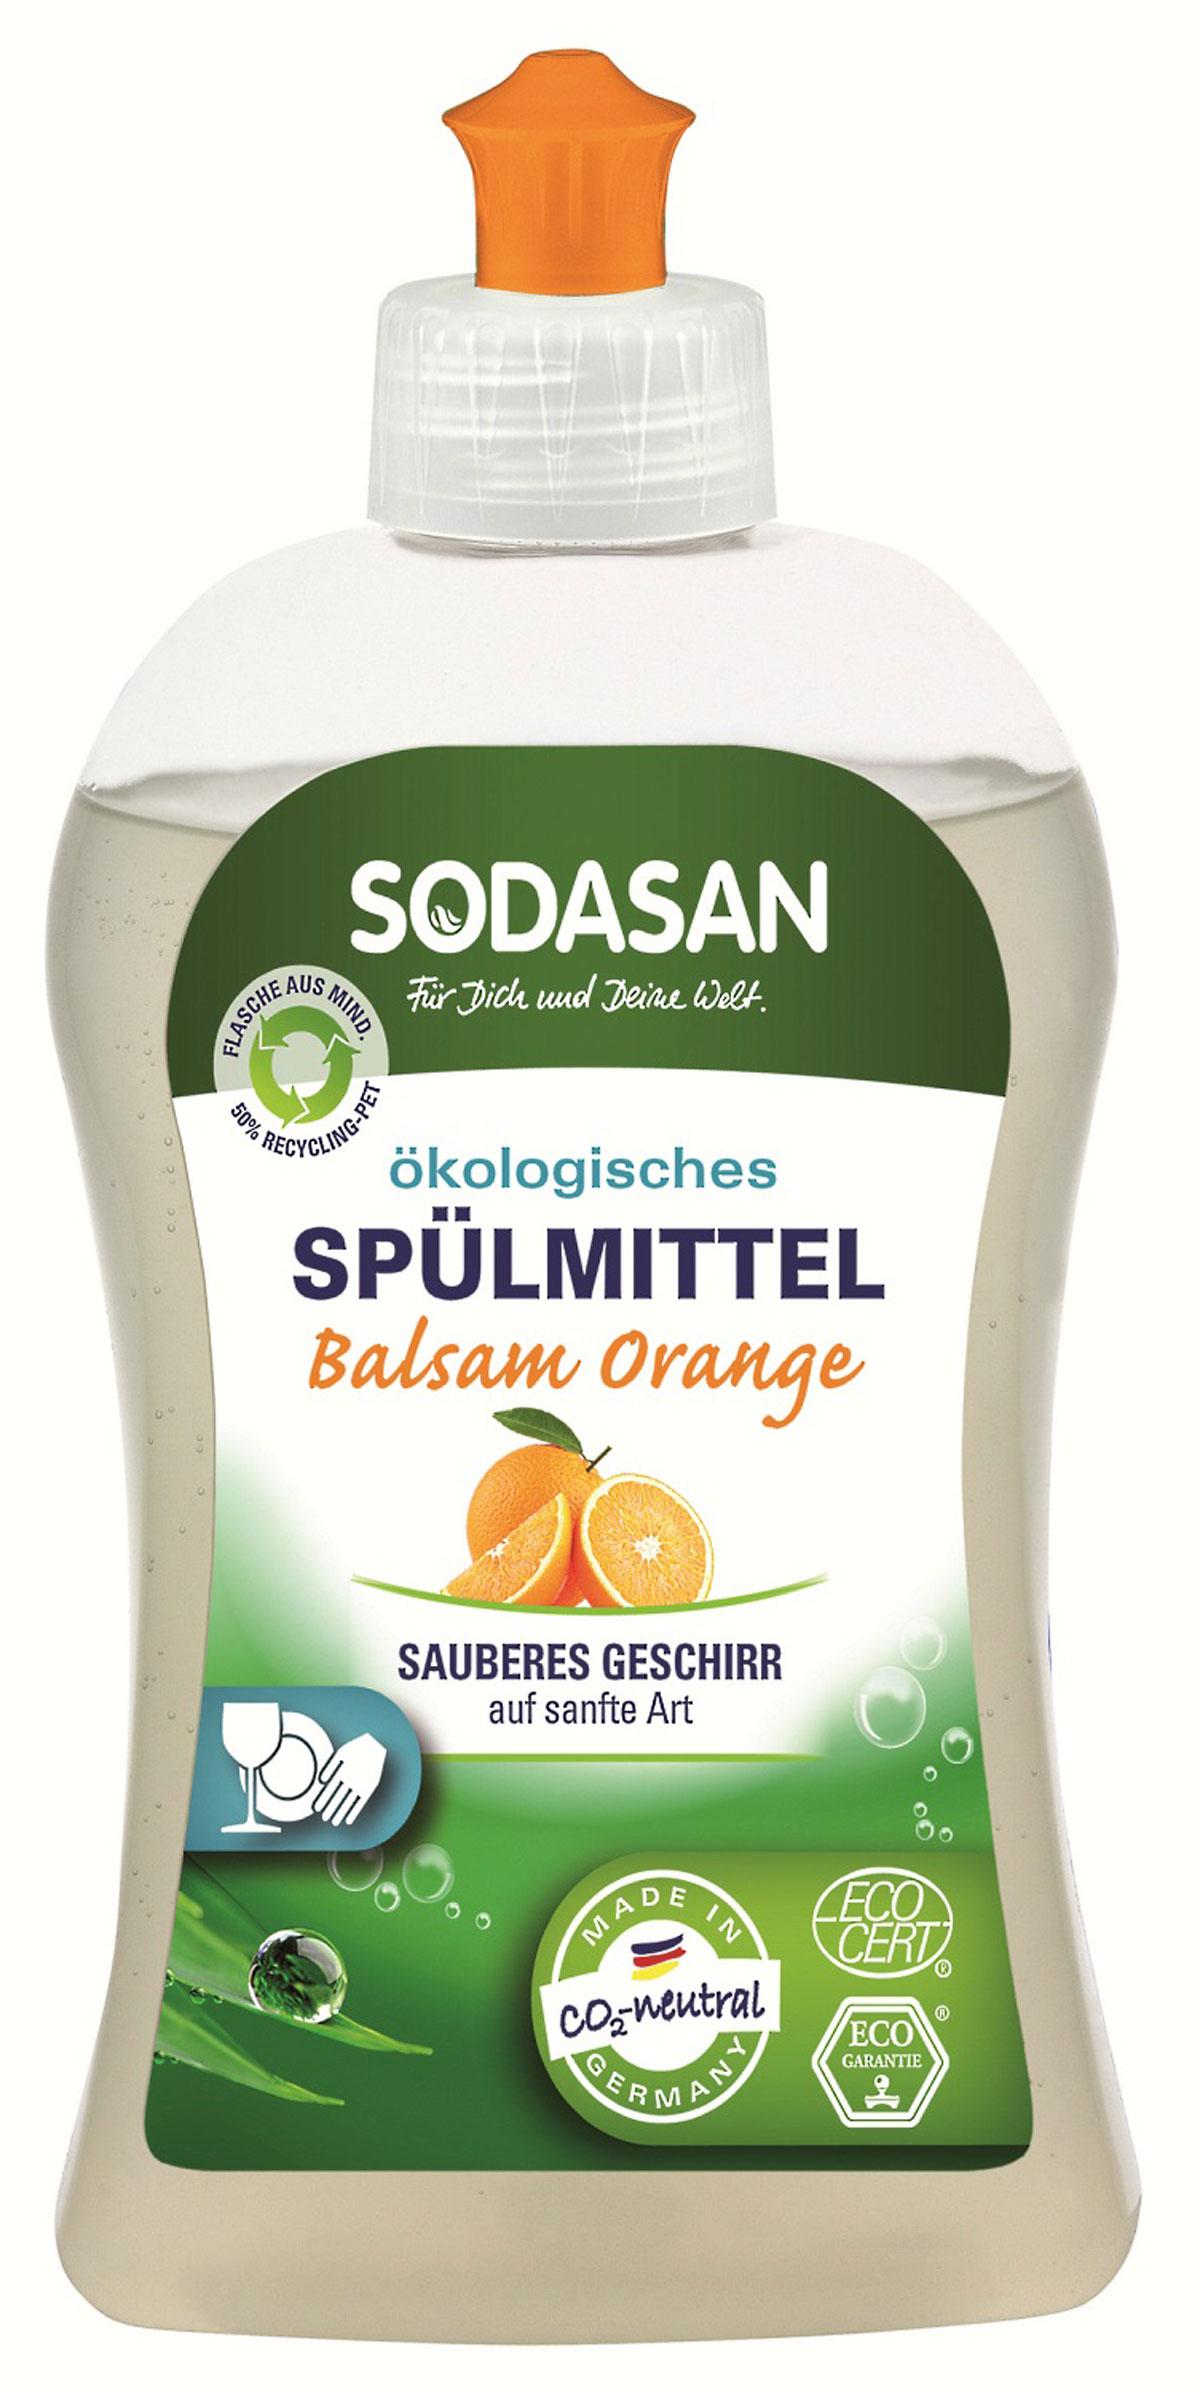 Жидкое средство Sodasan для мытья посуды, с запахом апельсина, 500 мл2556_ апельсинЖидкое средство Sodasan качественно и безопасно моет посуду без лишних усилий. Быстро удаляет загрязнения и жир. Придает посуде блеск и не оставляет разводов.В состав входят только безопасные растительные ингредиенты органического происхождения.Специальная формула защищает ваши руки от пересыхания и делает их мягкими на ощупь.Экономично в использовании.